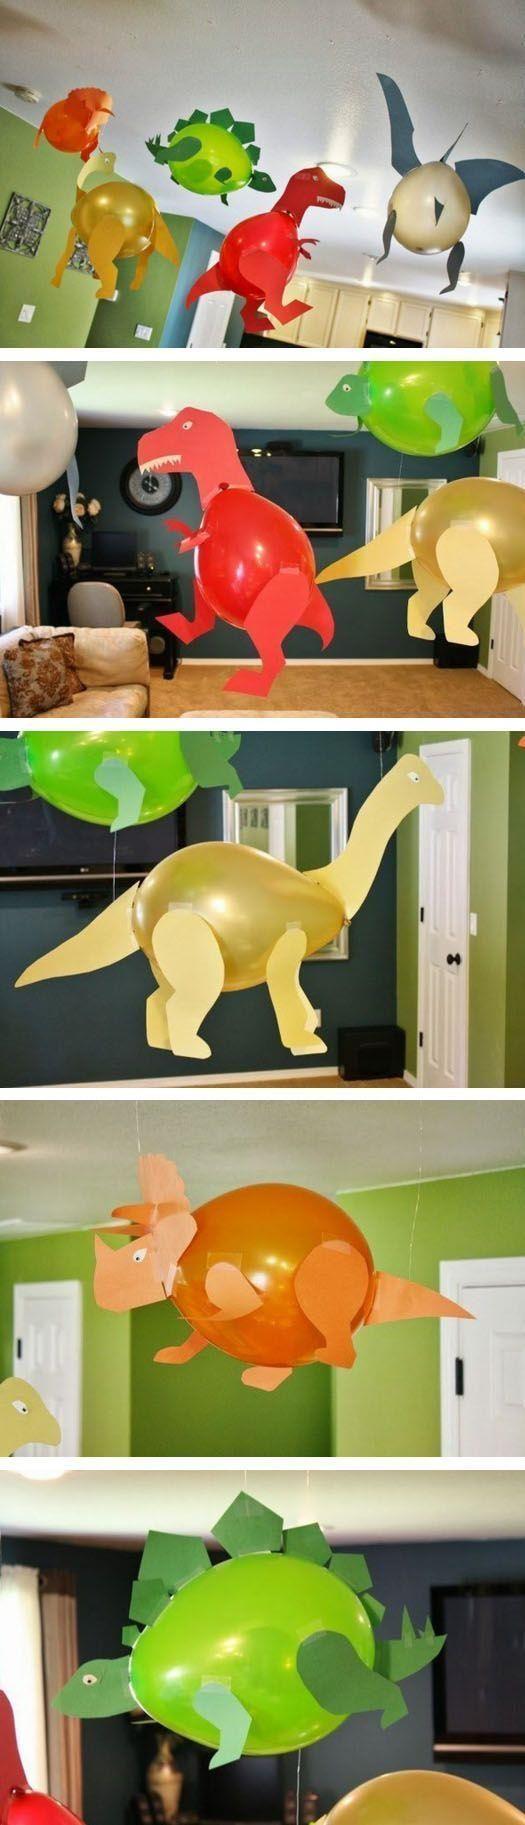 Geburtstag - DSelbermachen ideen #dinosaur